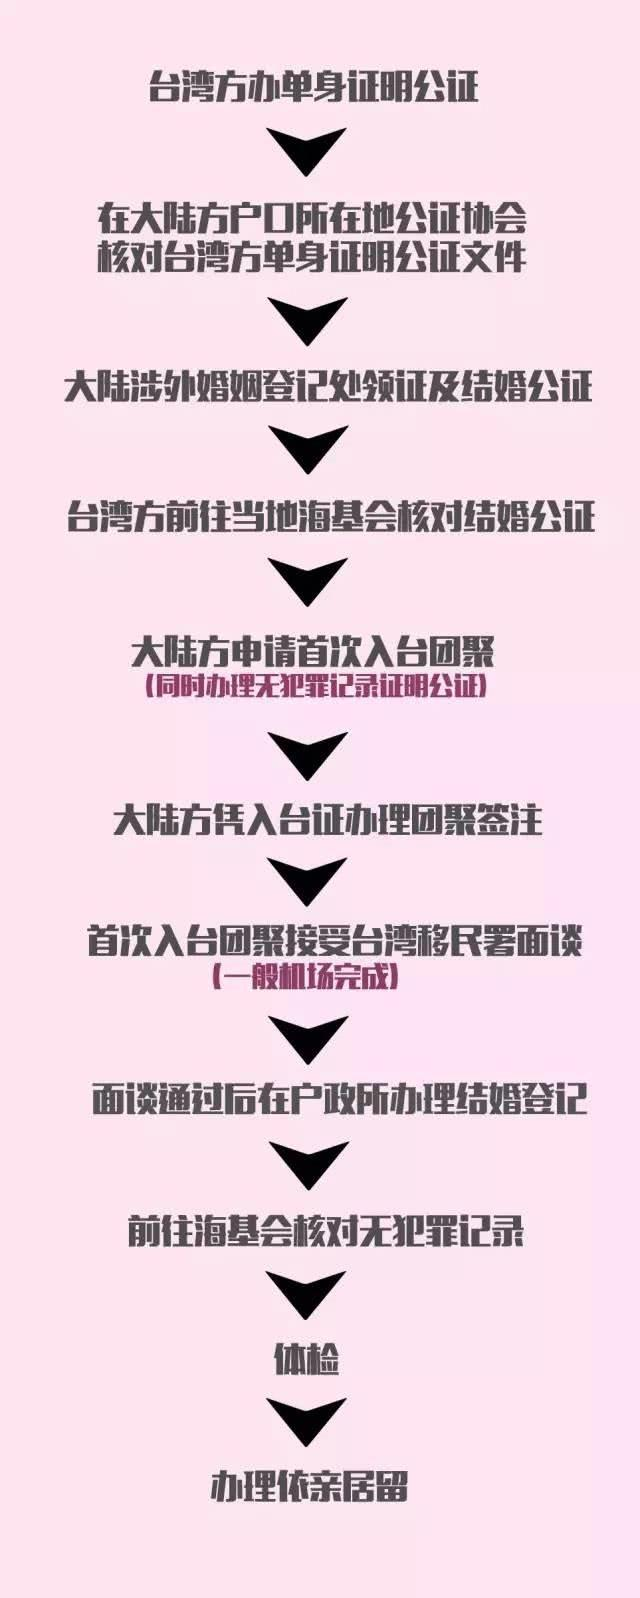 台湾和大陆人结婚的流程